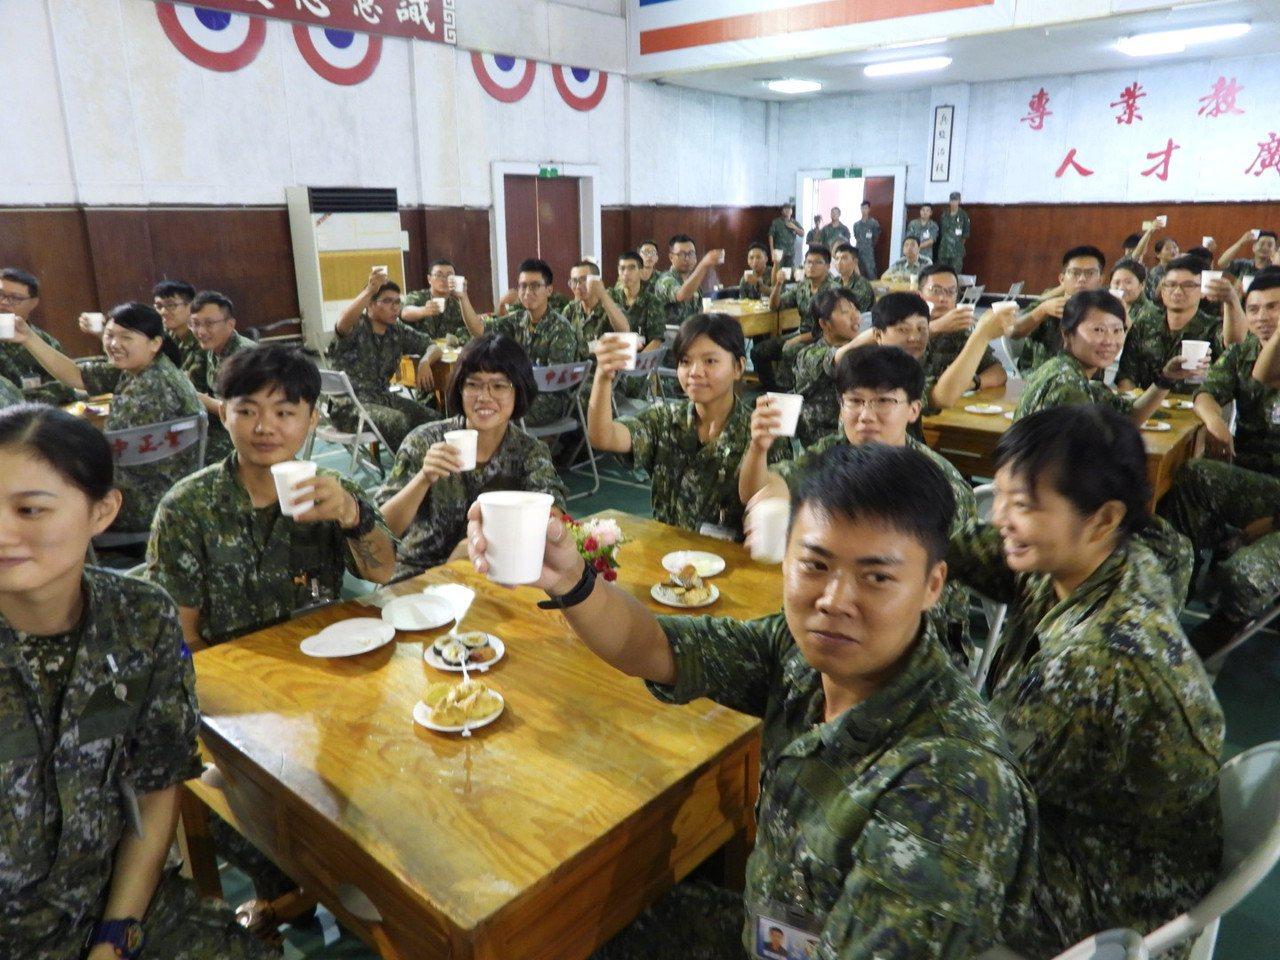 台南市府到砲兵指揮部勞軍,官兵代表列席吃點心喝飲料。記者周宗禎/攝影